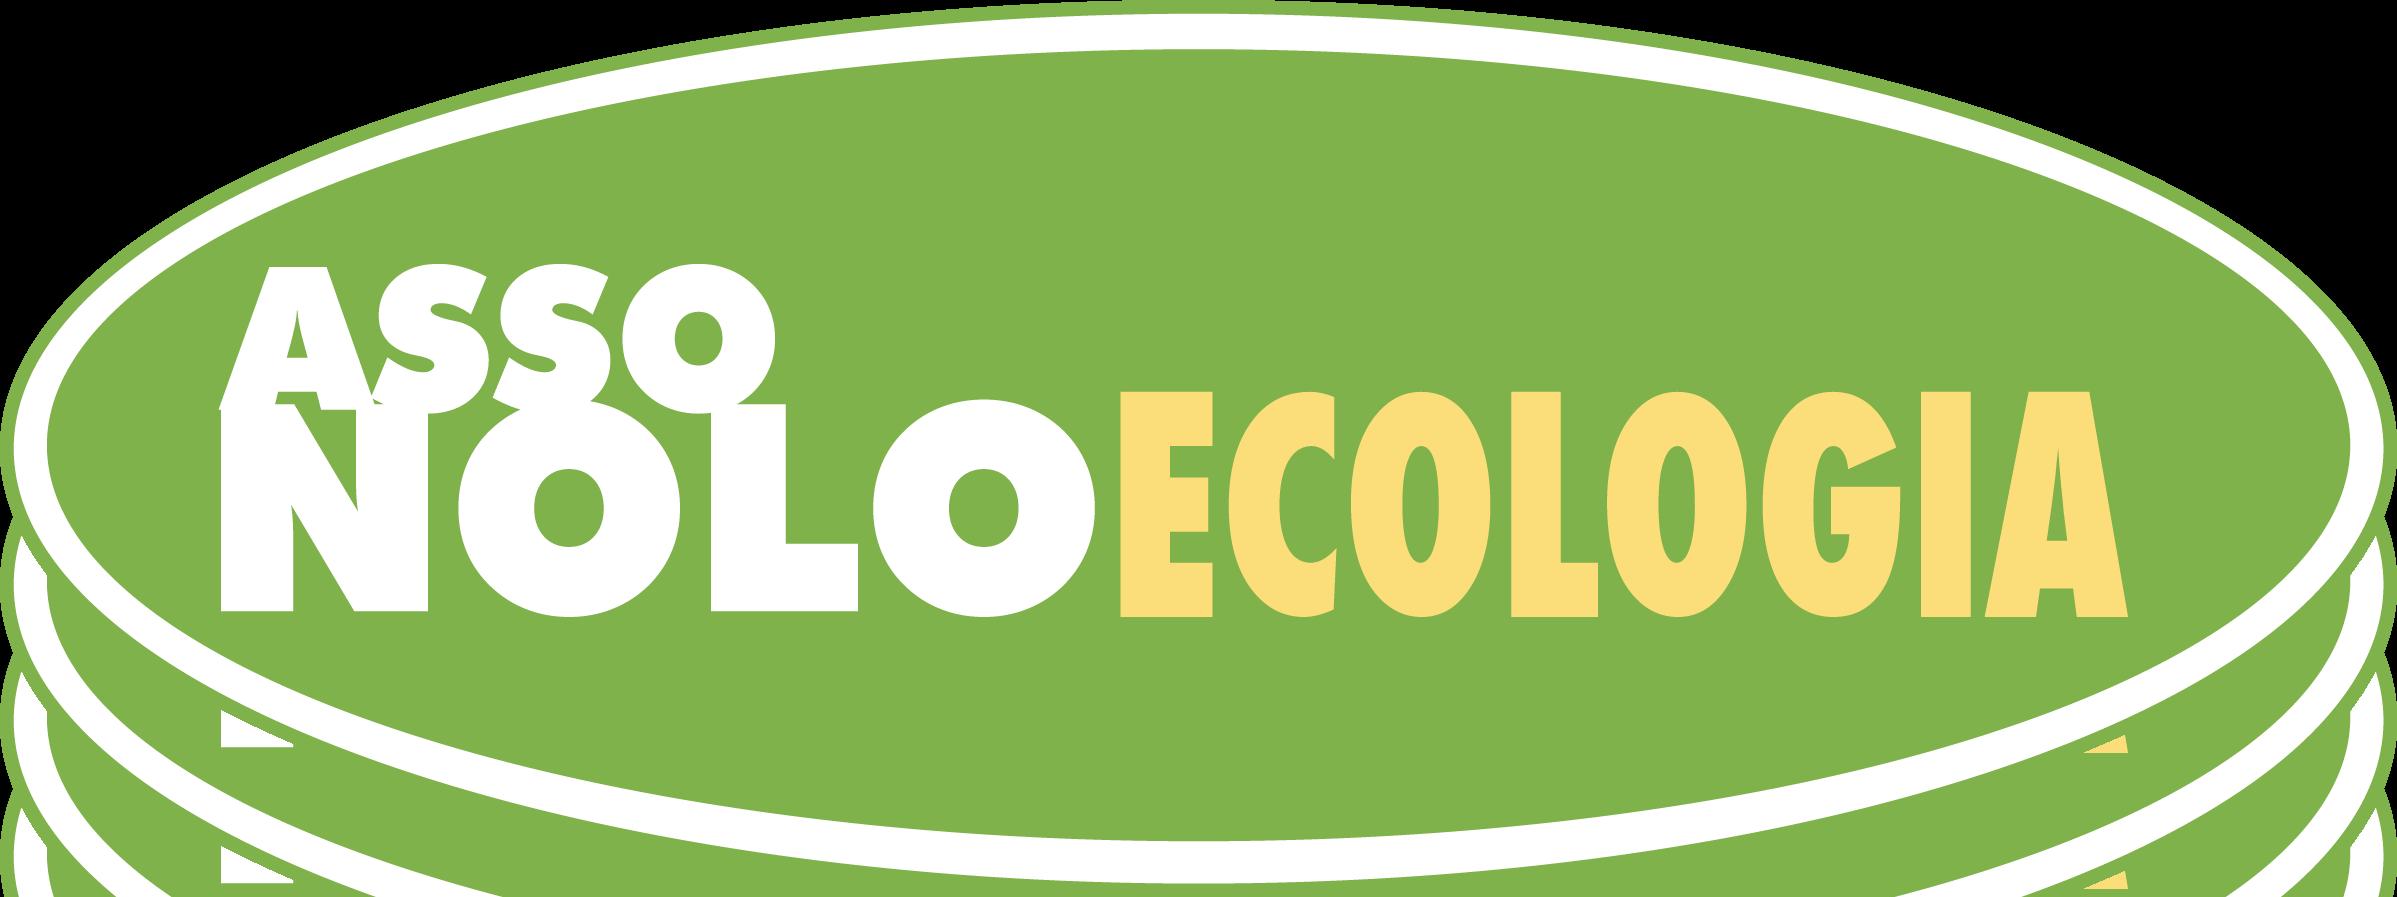 Scopri dove noleggiare Ecologia. Assodimi garantisce professionalità e rispetto dei corretti processi di noleggio.